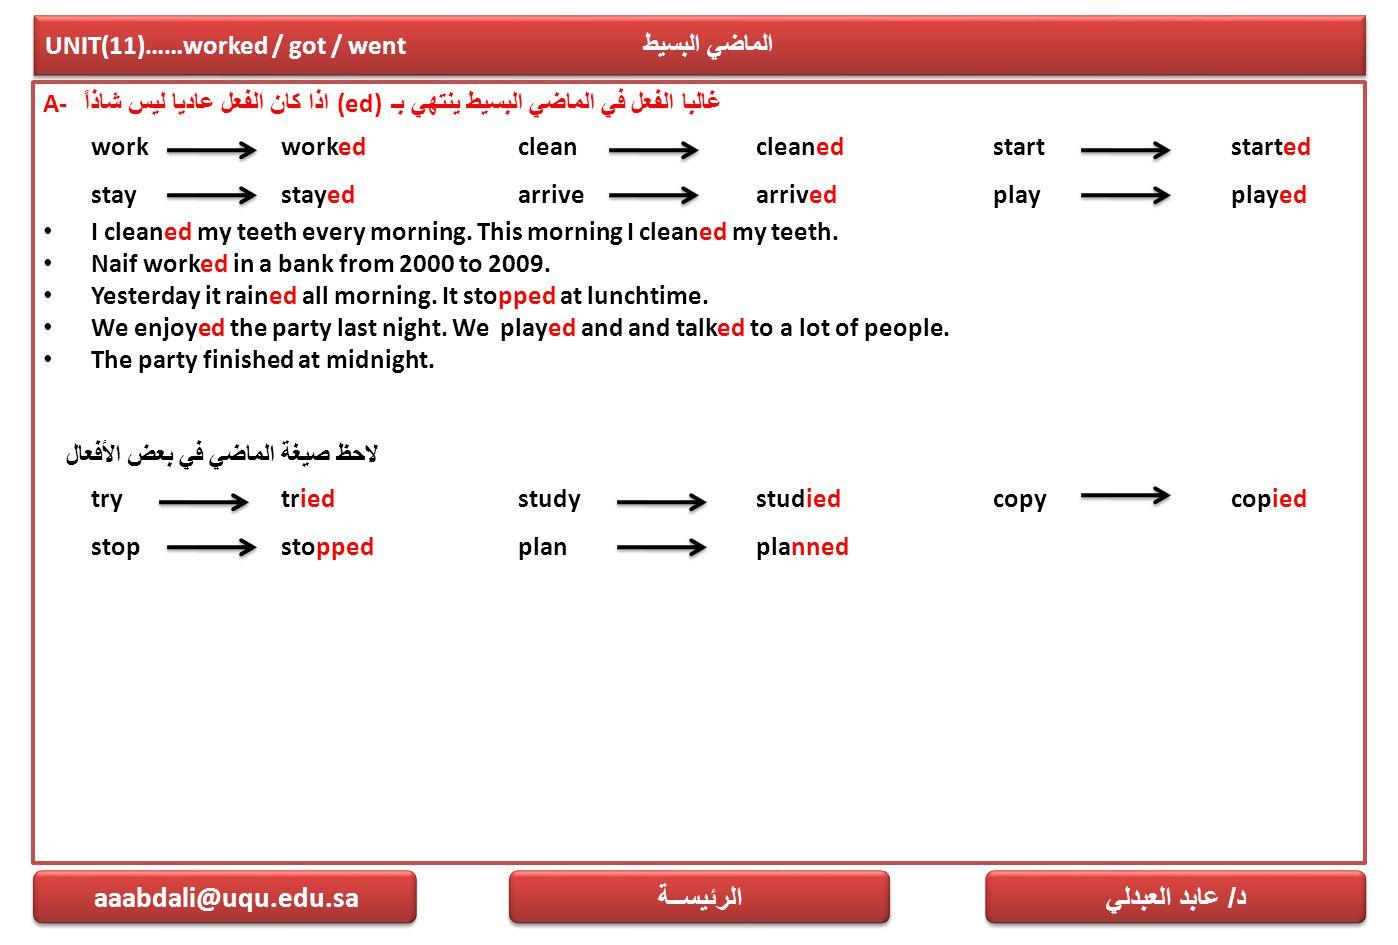 UNIT(11)……worked / got / went الماضي البسيط